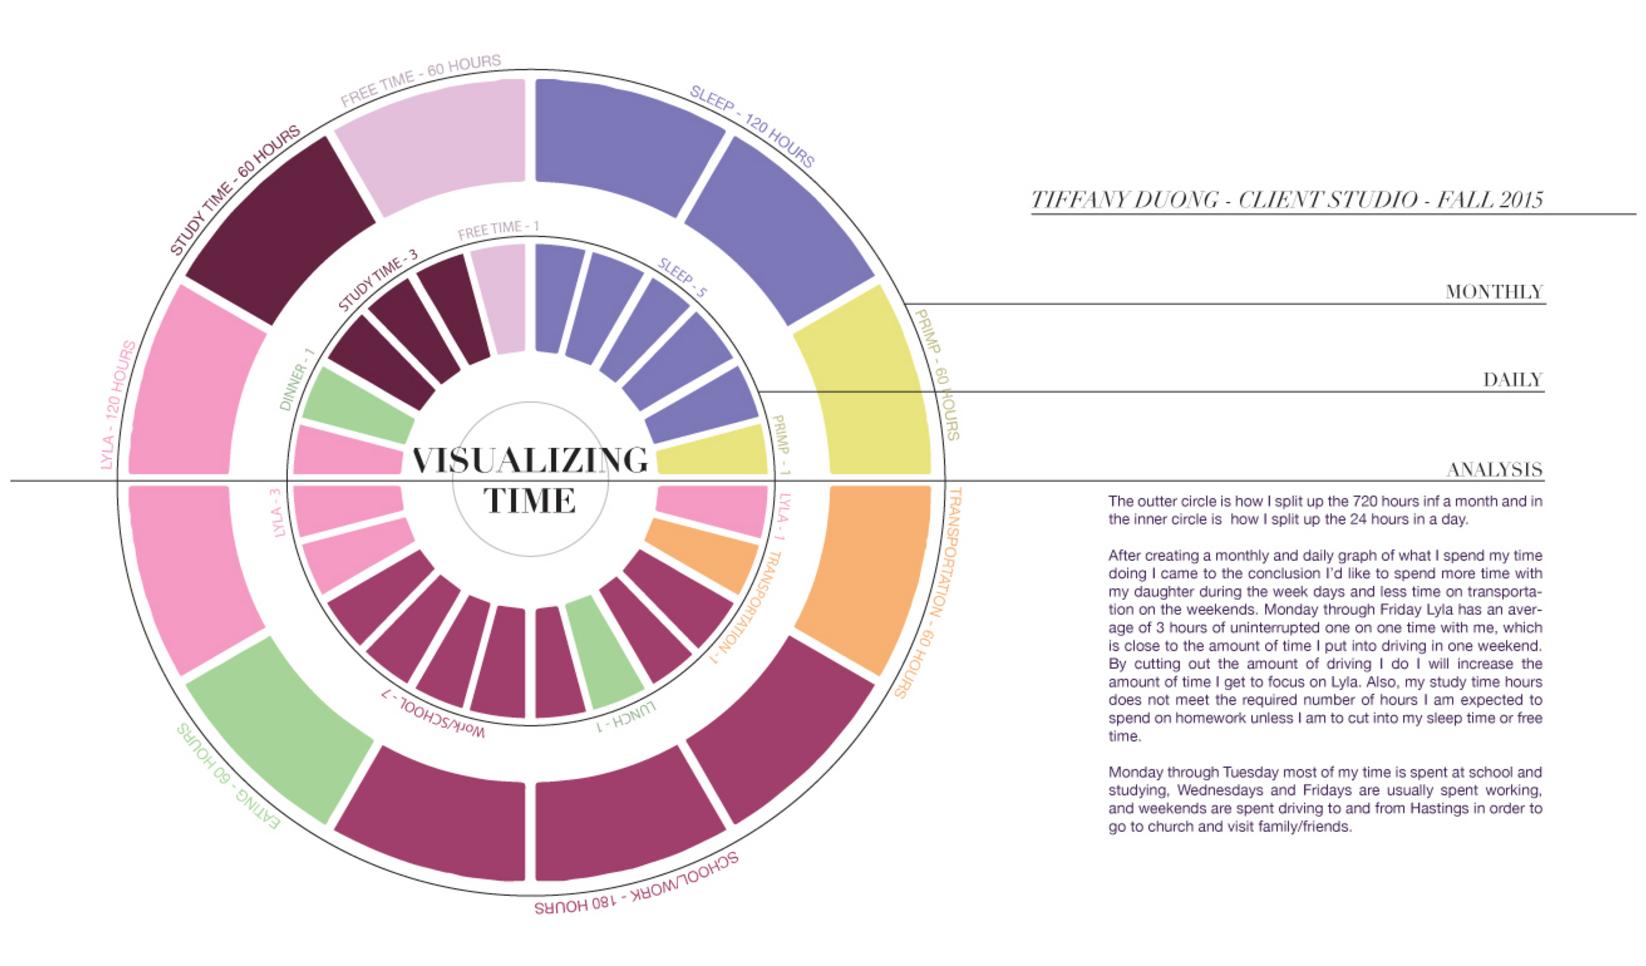 Time Pie Chart ; Tiffany Duong